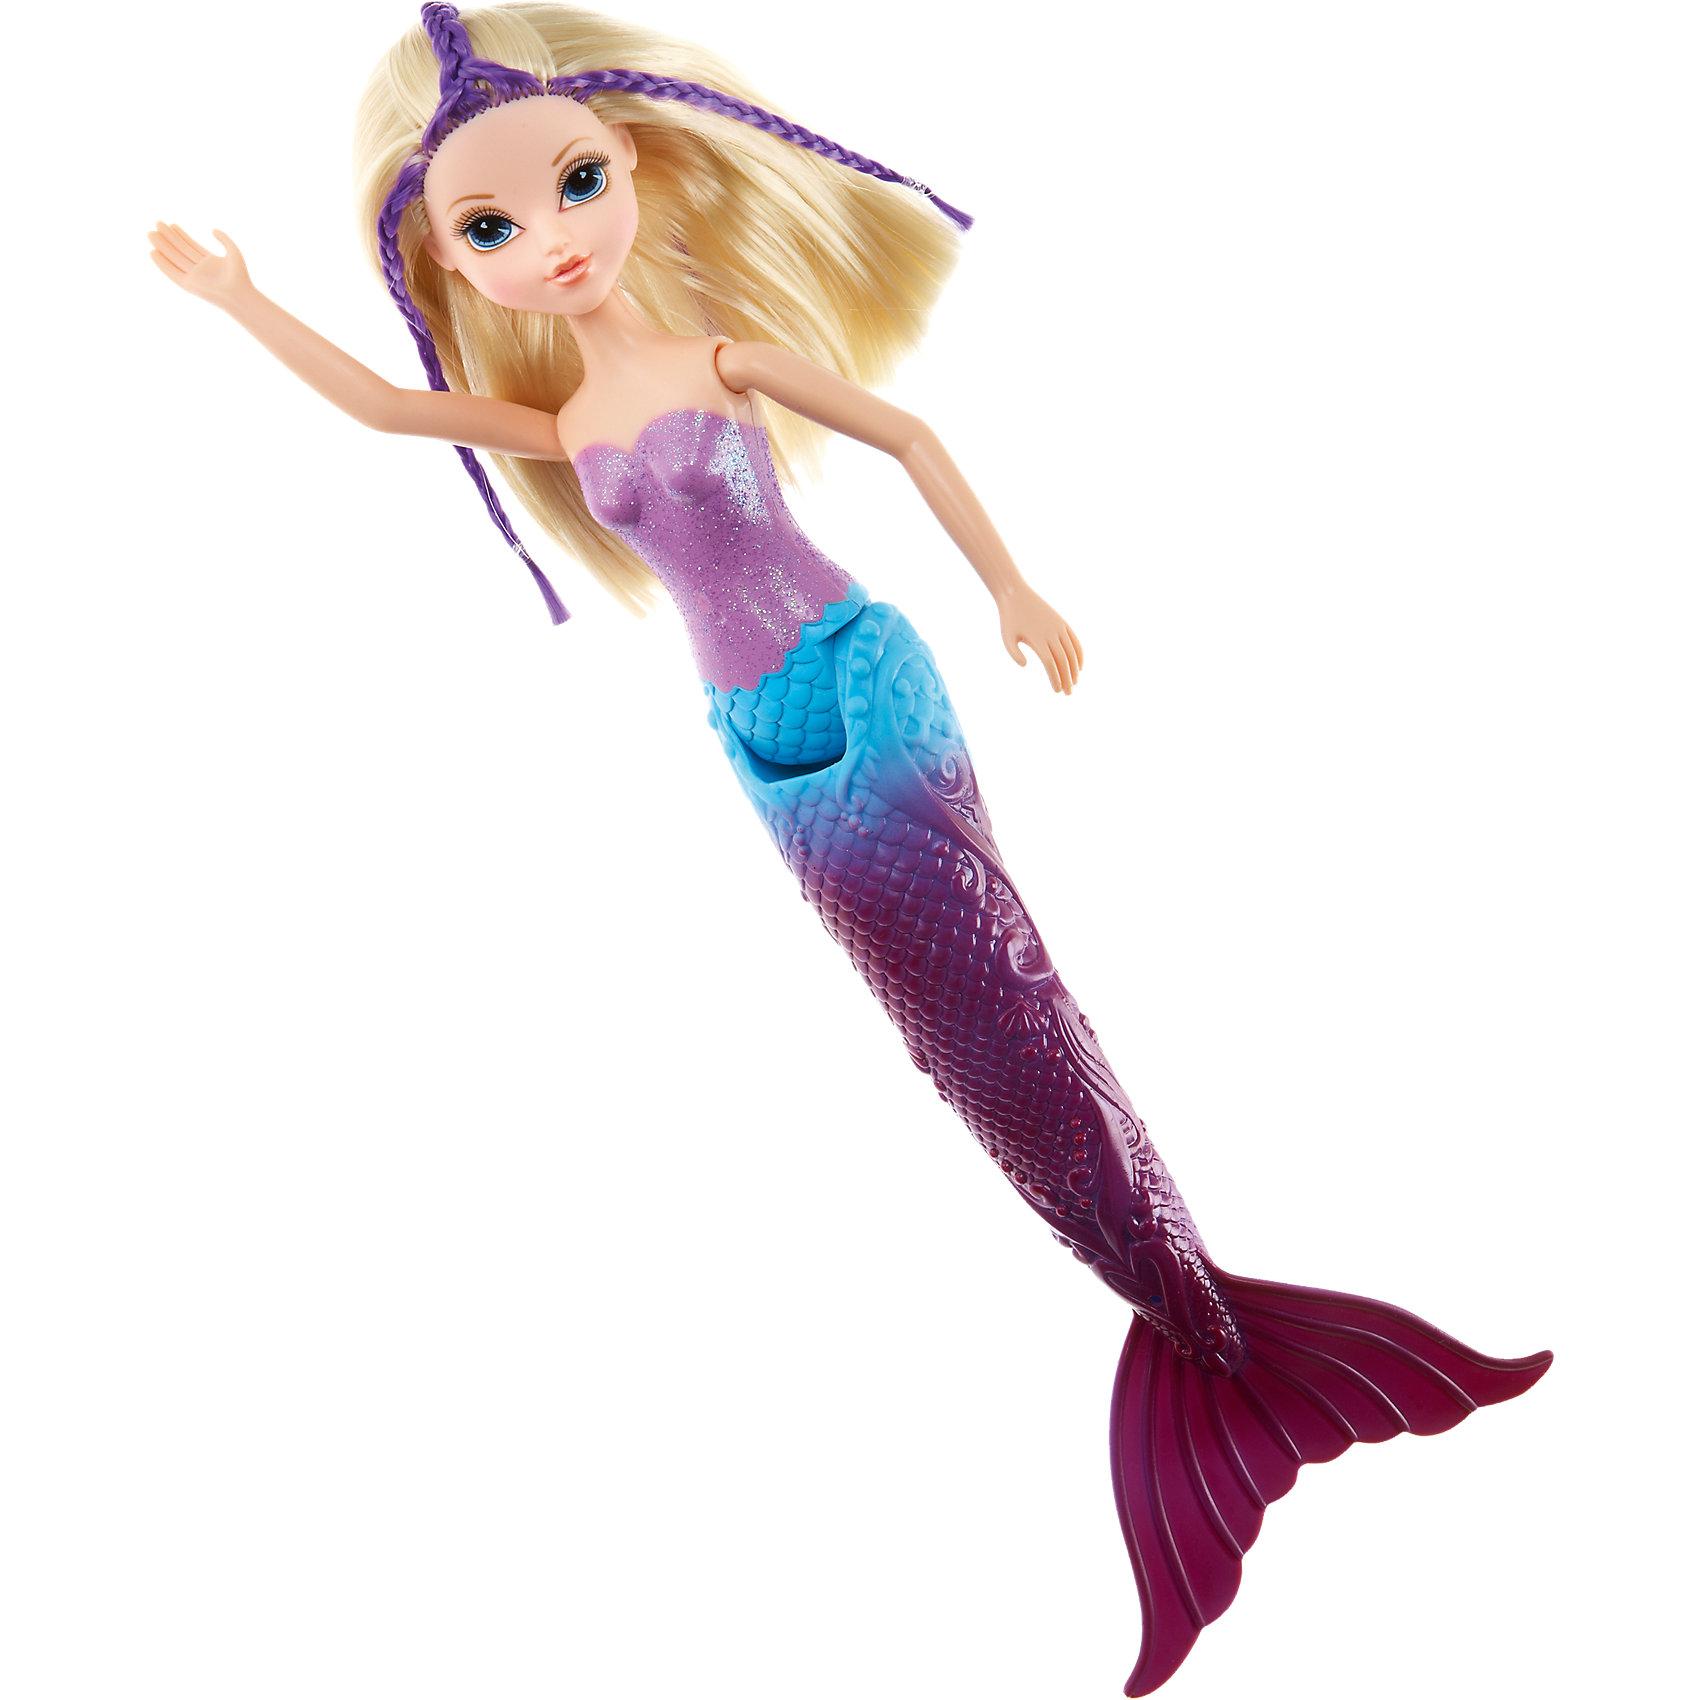 Кукла Эйвери Русалочка, MoxieРоборыбки<br>Потрясающая кукла Moxie (Мокси) по имени Эйвери в роли русалочки! Эта удивительная кукла будто оживает при погружении в воду! Необходимо всего лишь нажать на потайную кнопку в основании хвоста и русалочка начинает совершать движения хвостом. Но на этом чудеса не заканчиваются. При соприкосновении с водой хвостик меняет цвет. Идеальная игрушка для купания в ванне или бассейне.<br><br>Дополнительная информация:<br><br>В набор входит:<br>Кукла Эйвери<br>Высота куклы: 36 см<br>Для работы необходимы 2 Батарейки типа АА, в комплект не входят.<br><br>Куклу Эйвери Русалочка, Moxie (Мокси) можно купить в нашем магазине.<br><br>Ширина мм: 305<br>Глубина мм: 320<br>Высота мм: 65<br>Вес г: 600<br>Возраст от месяцев: 36<br>Возраст до месяцев: 144<br>Пол: Женский<br>Возраст: Детский<br>SKU: 4084334